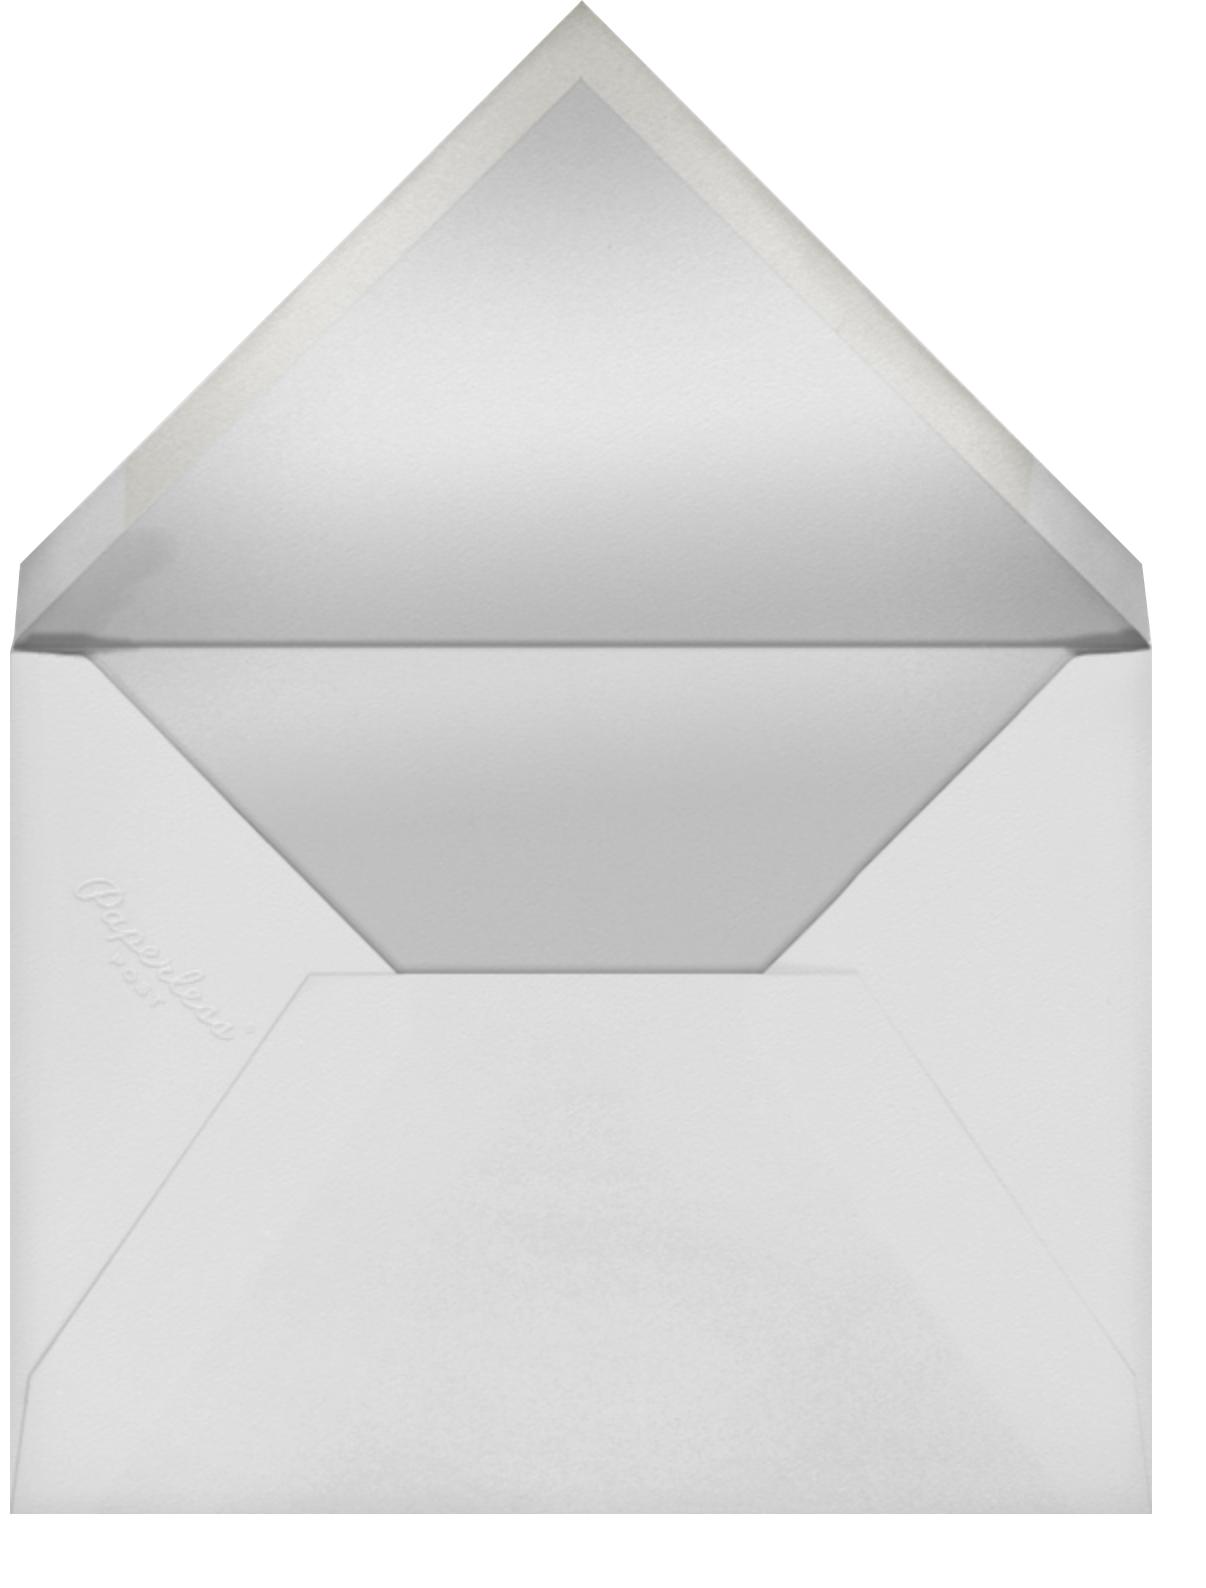 Choli (Menu) - Red - Paperless Post - Menus - envelope back